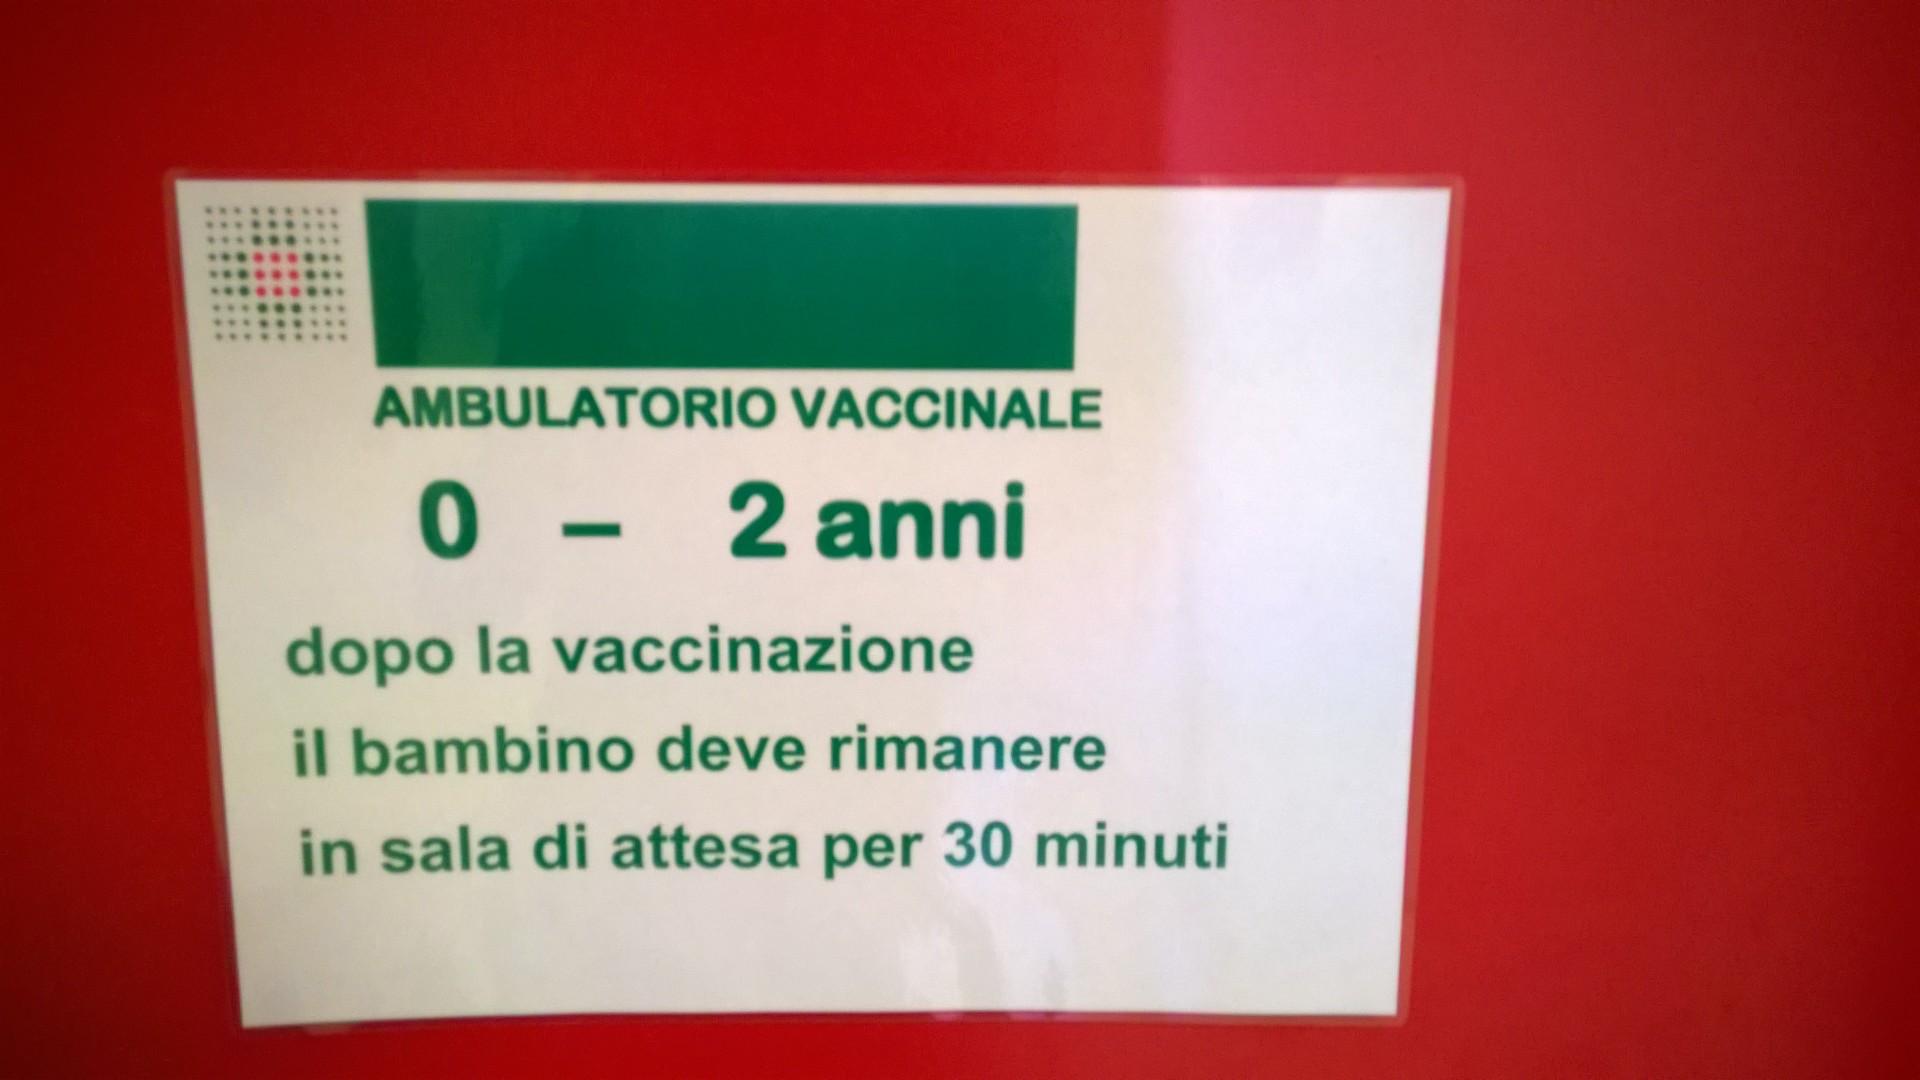 Vaccinazioni:un'indagine per migliorare la comunicazione